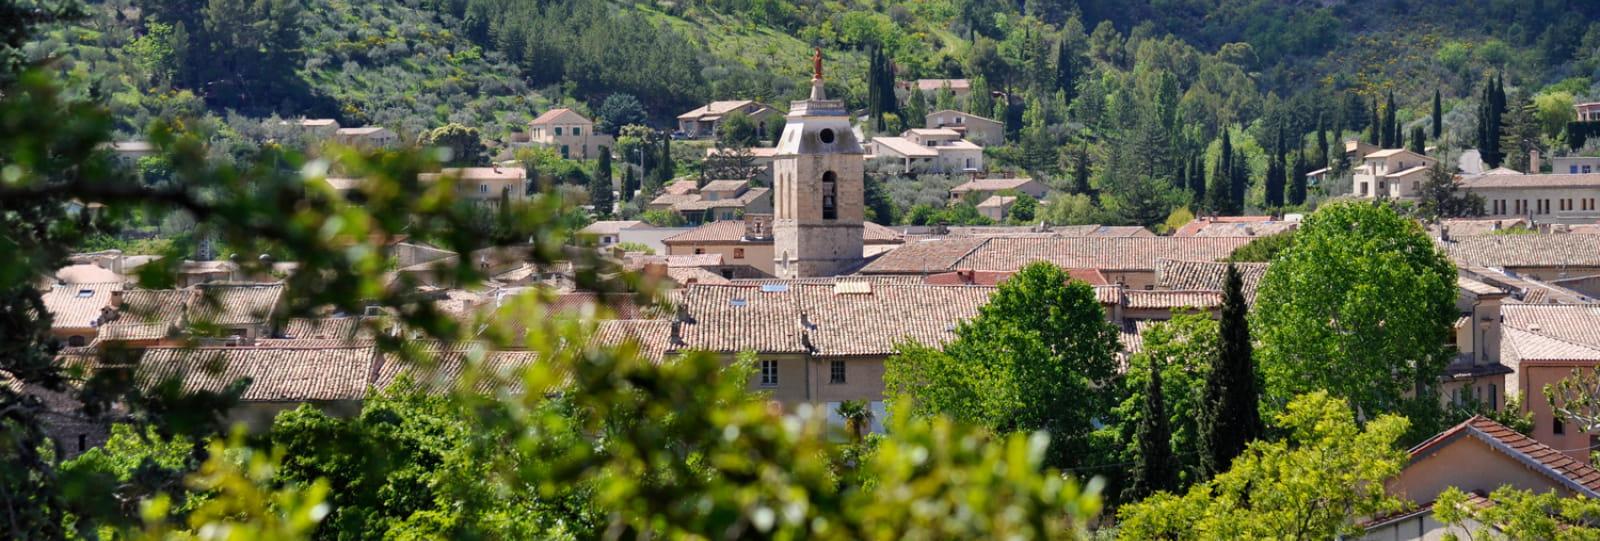 Escale 'Plantes & Bien-Être' : Buis-les-Baronnies / Montbrun-les-Bains